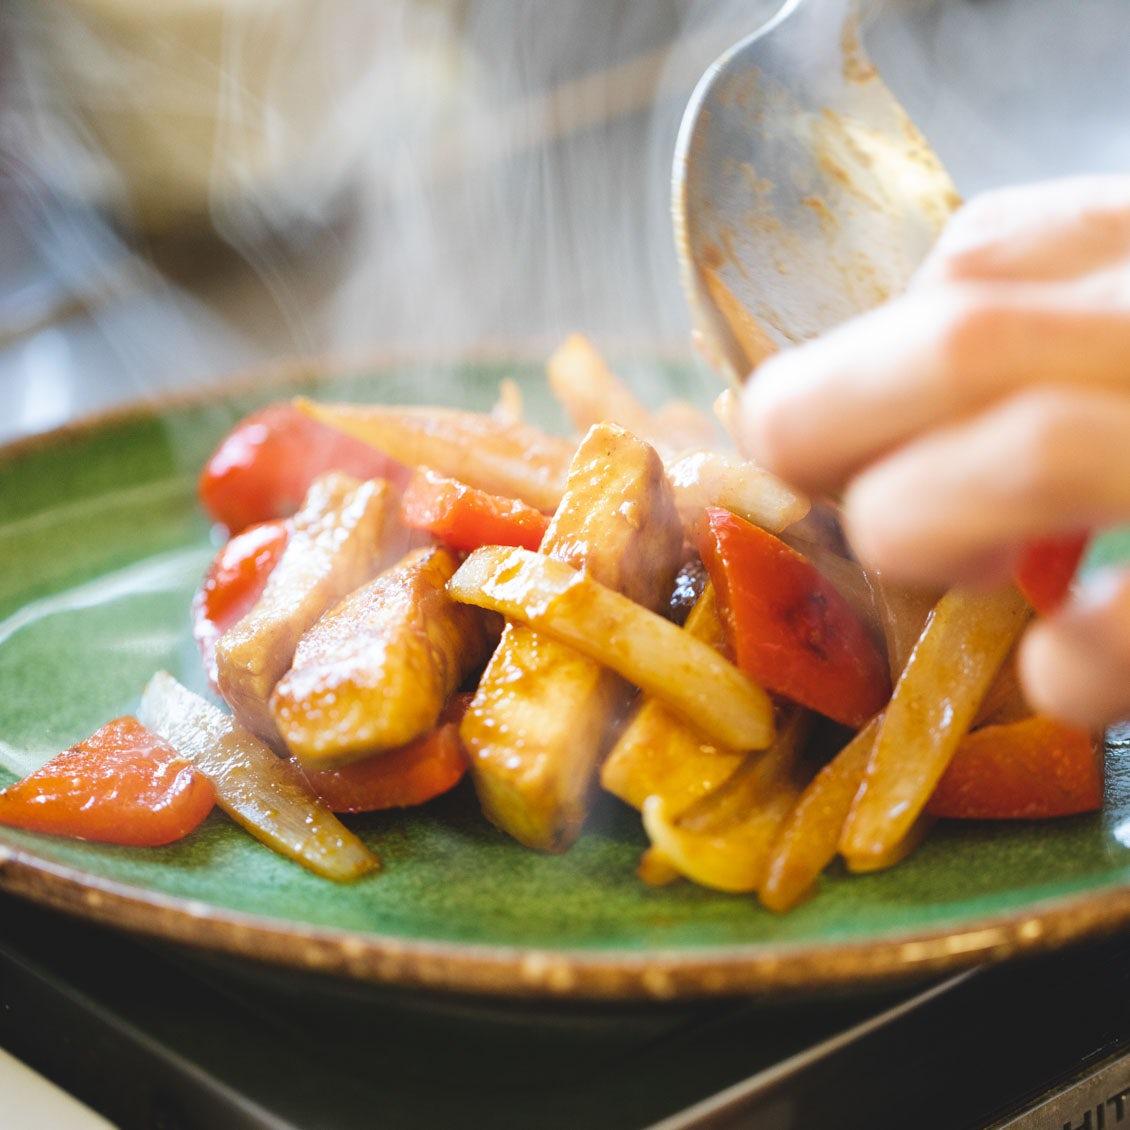 【疲れた日こそ、食べたい魚】第3話:野菜と炒めて大皿へ。みんな大好き「カジキのカレー醤油漬け」